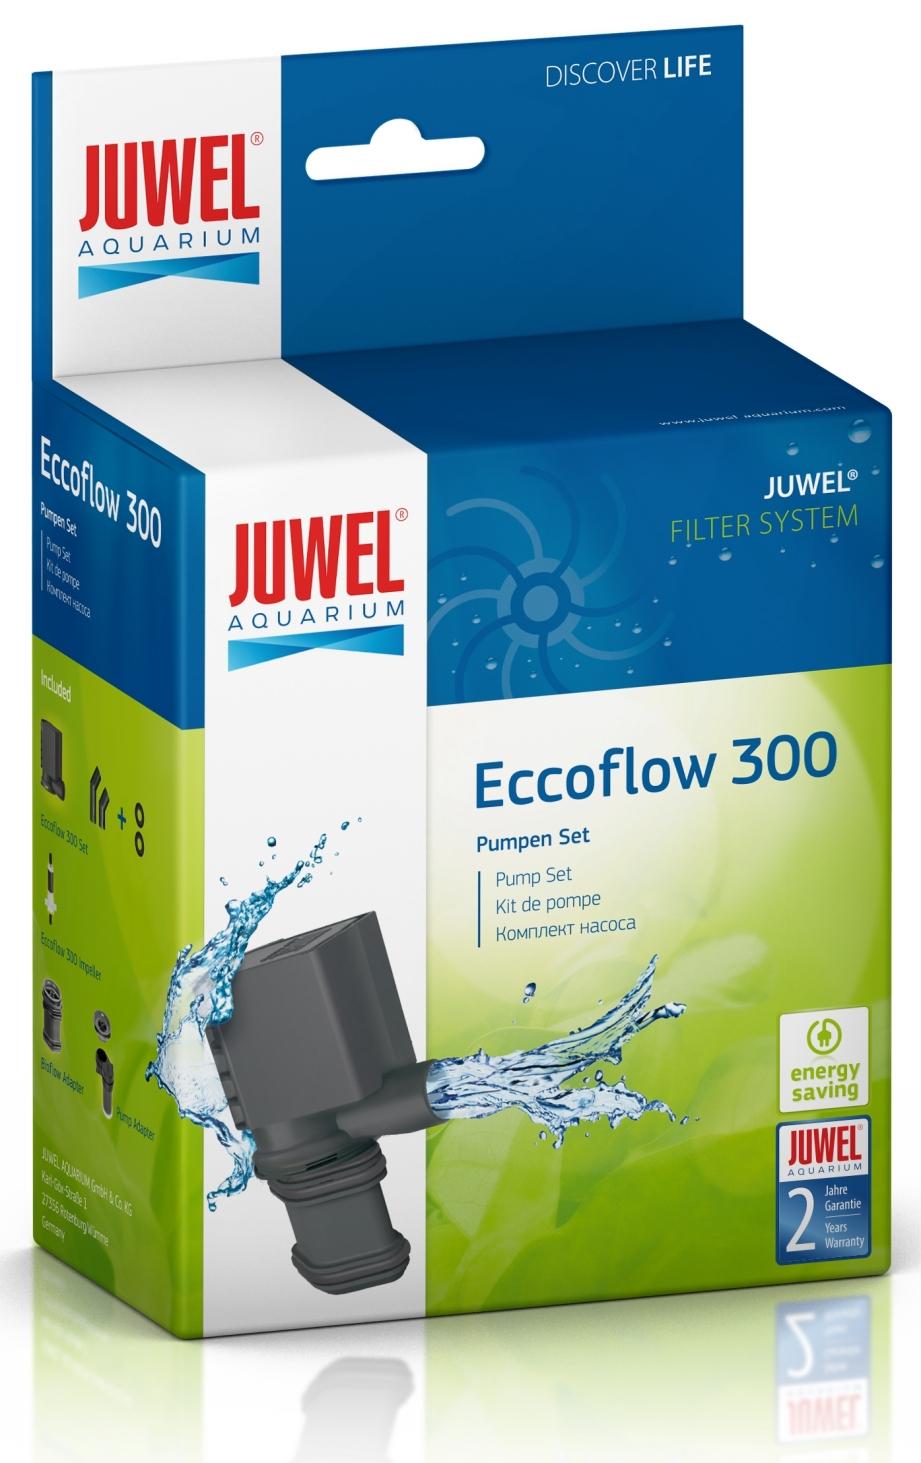 juwel eccoflow 300. Black Bedroom Furniture Sets. Home Design Ideas